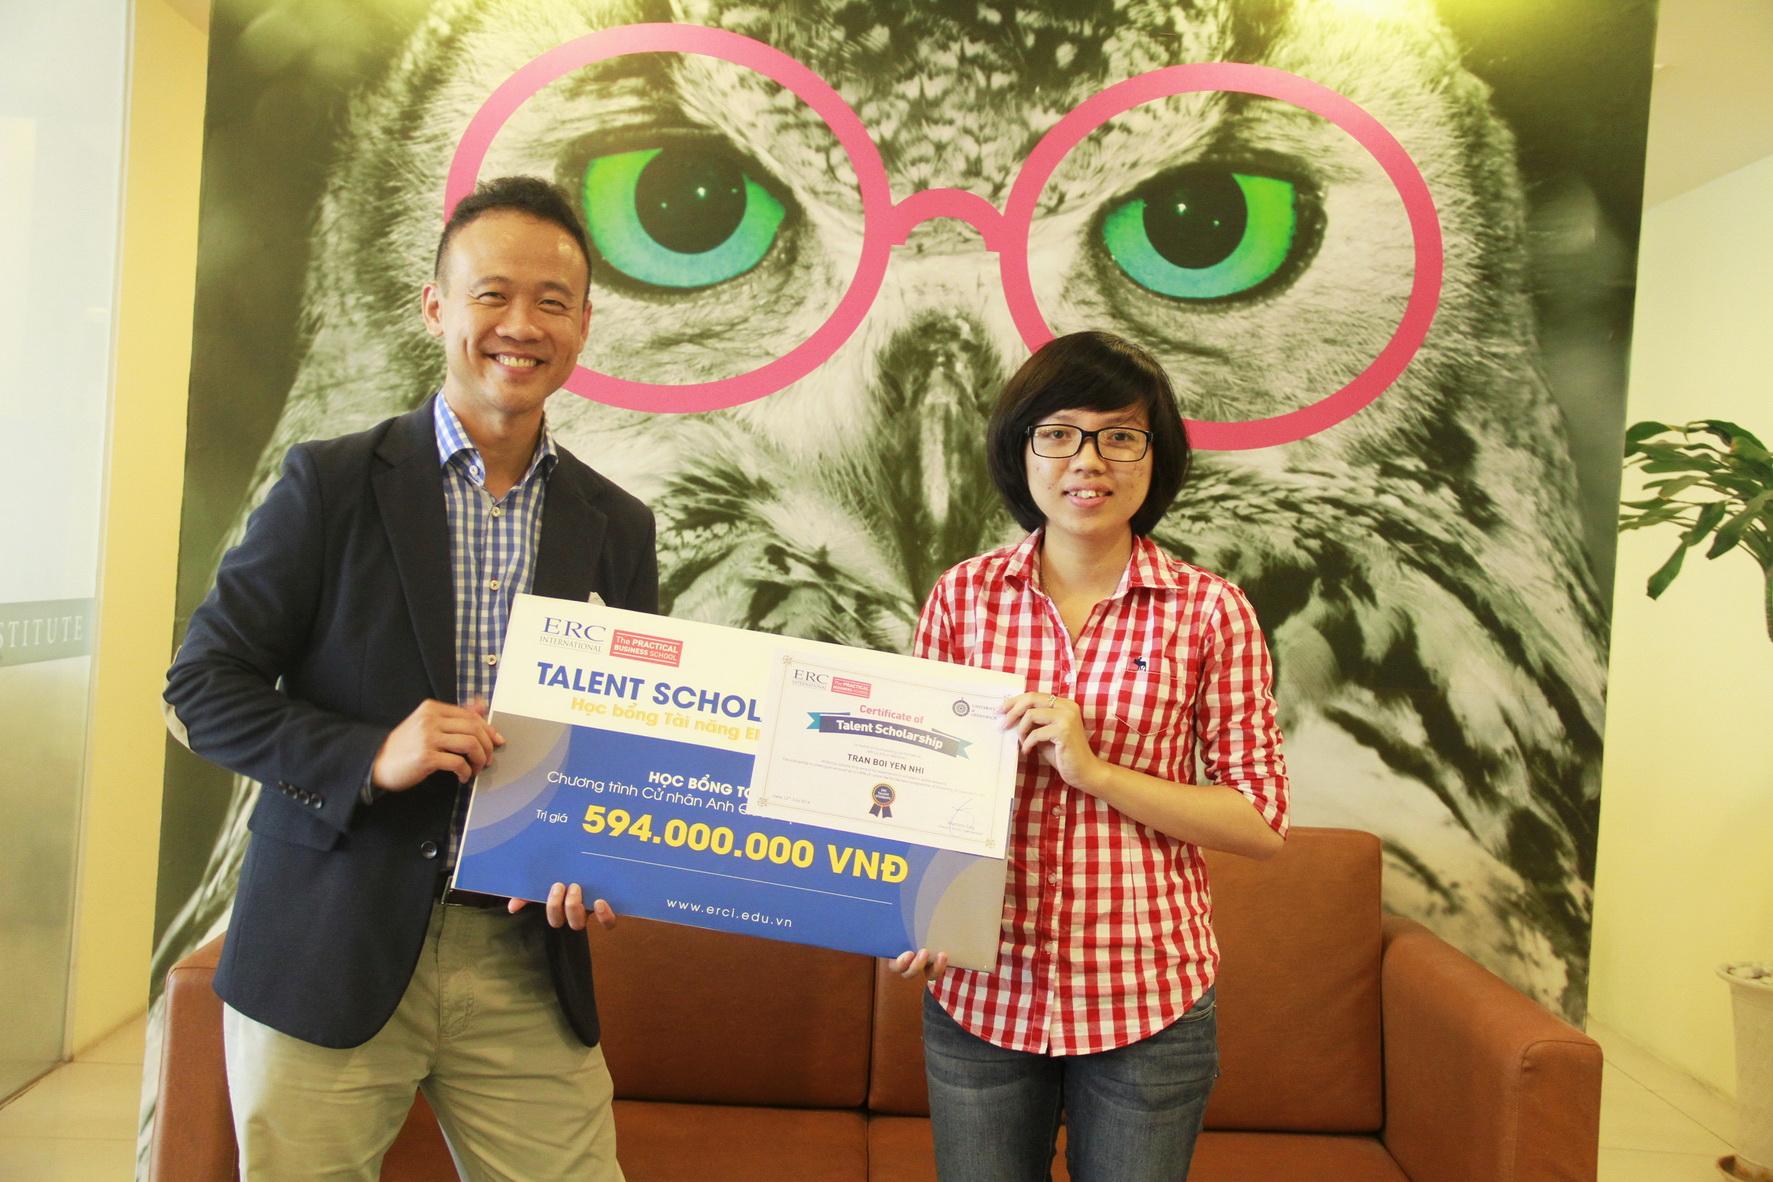 Ông Warren Eng – Giám đốc ERC International trao Học bổng toàn phần cho bạn Trần Bội Yến Nhi.